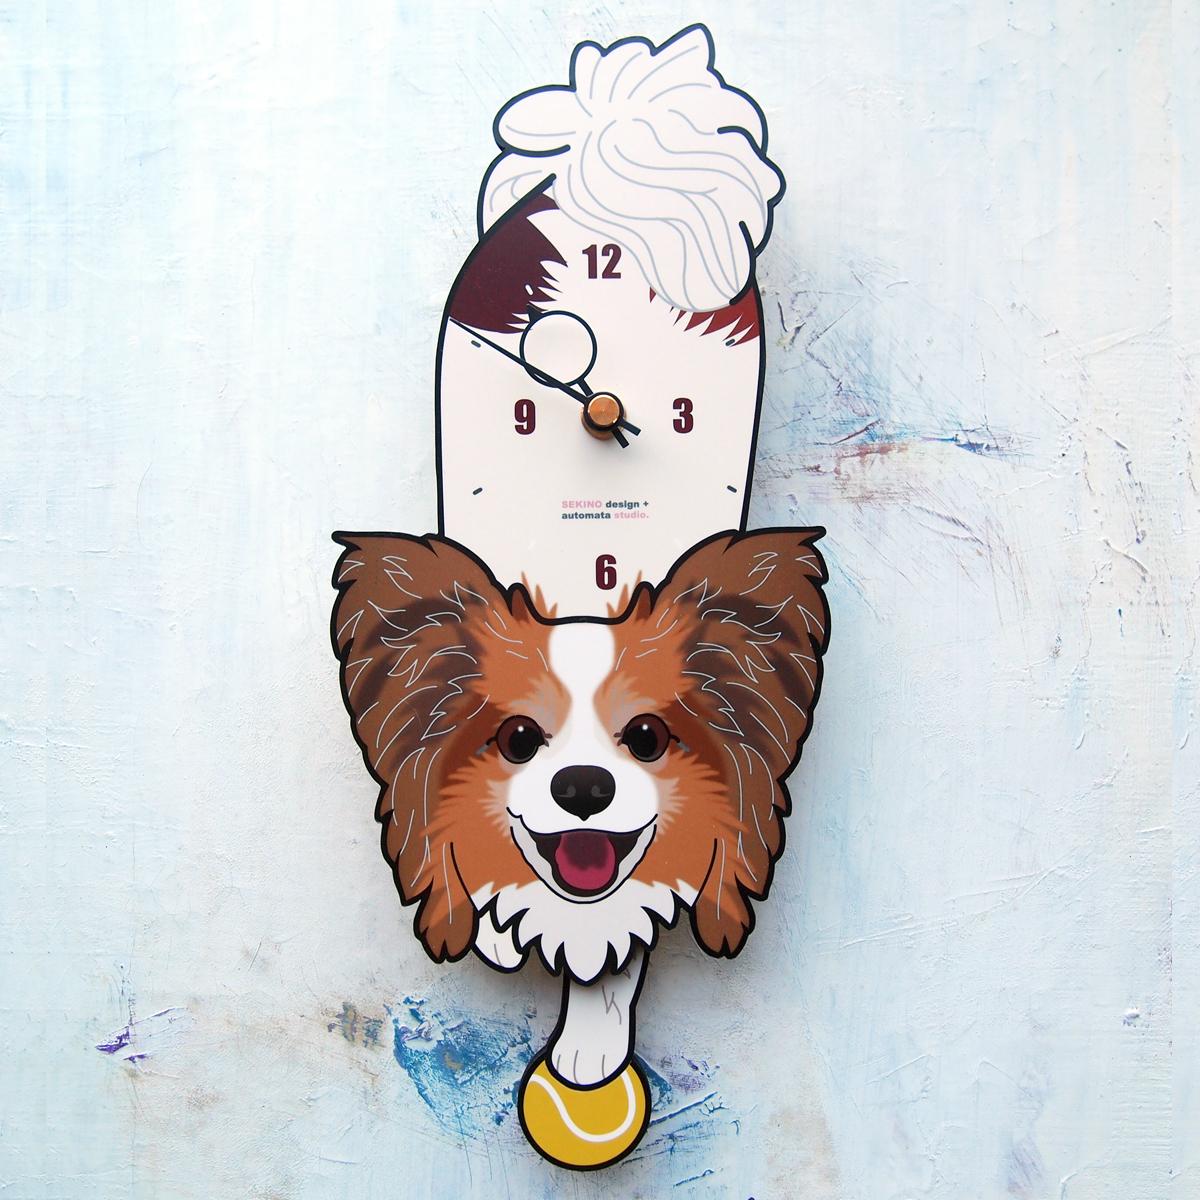 手の部分が振り子になった壁掛け用時計 ギフト ふるさと納税 パピヨン茶白-03-犬の振り子時計 海外限定 D-64-2